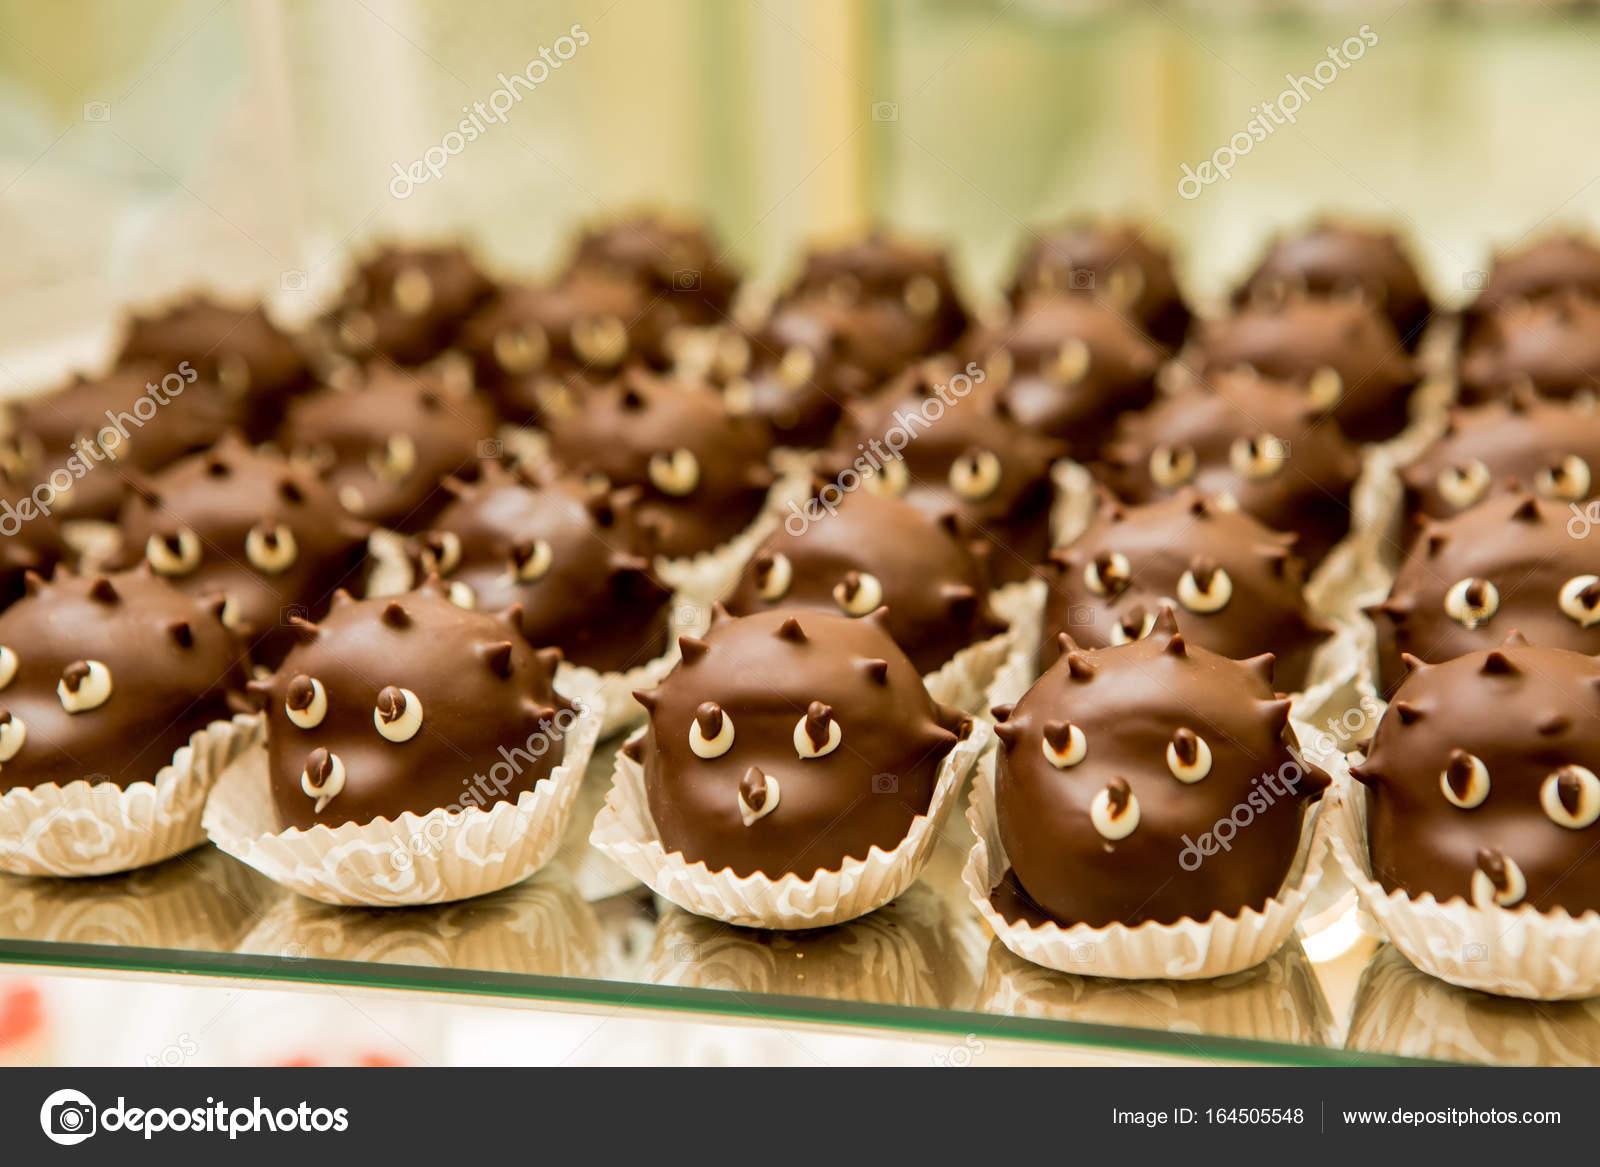 Schöne Desserts. Schöne Kuchen In Der Form Eines Igels. Bunte Kuchen Für  Eine Hochzeit